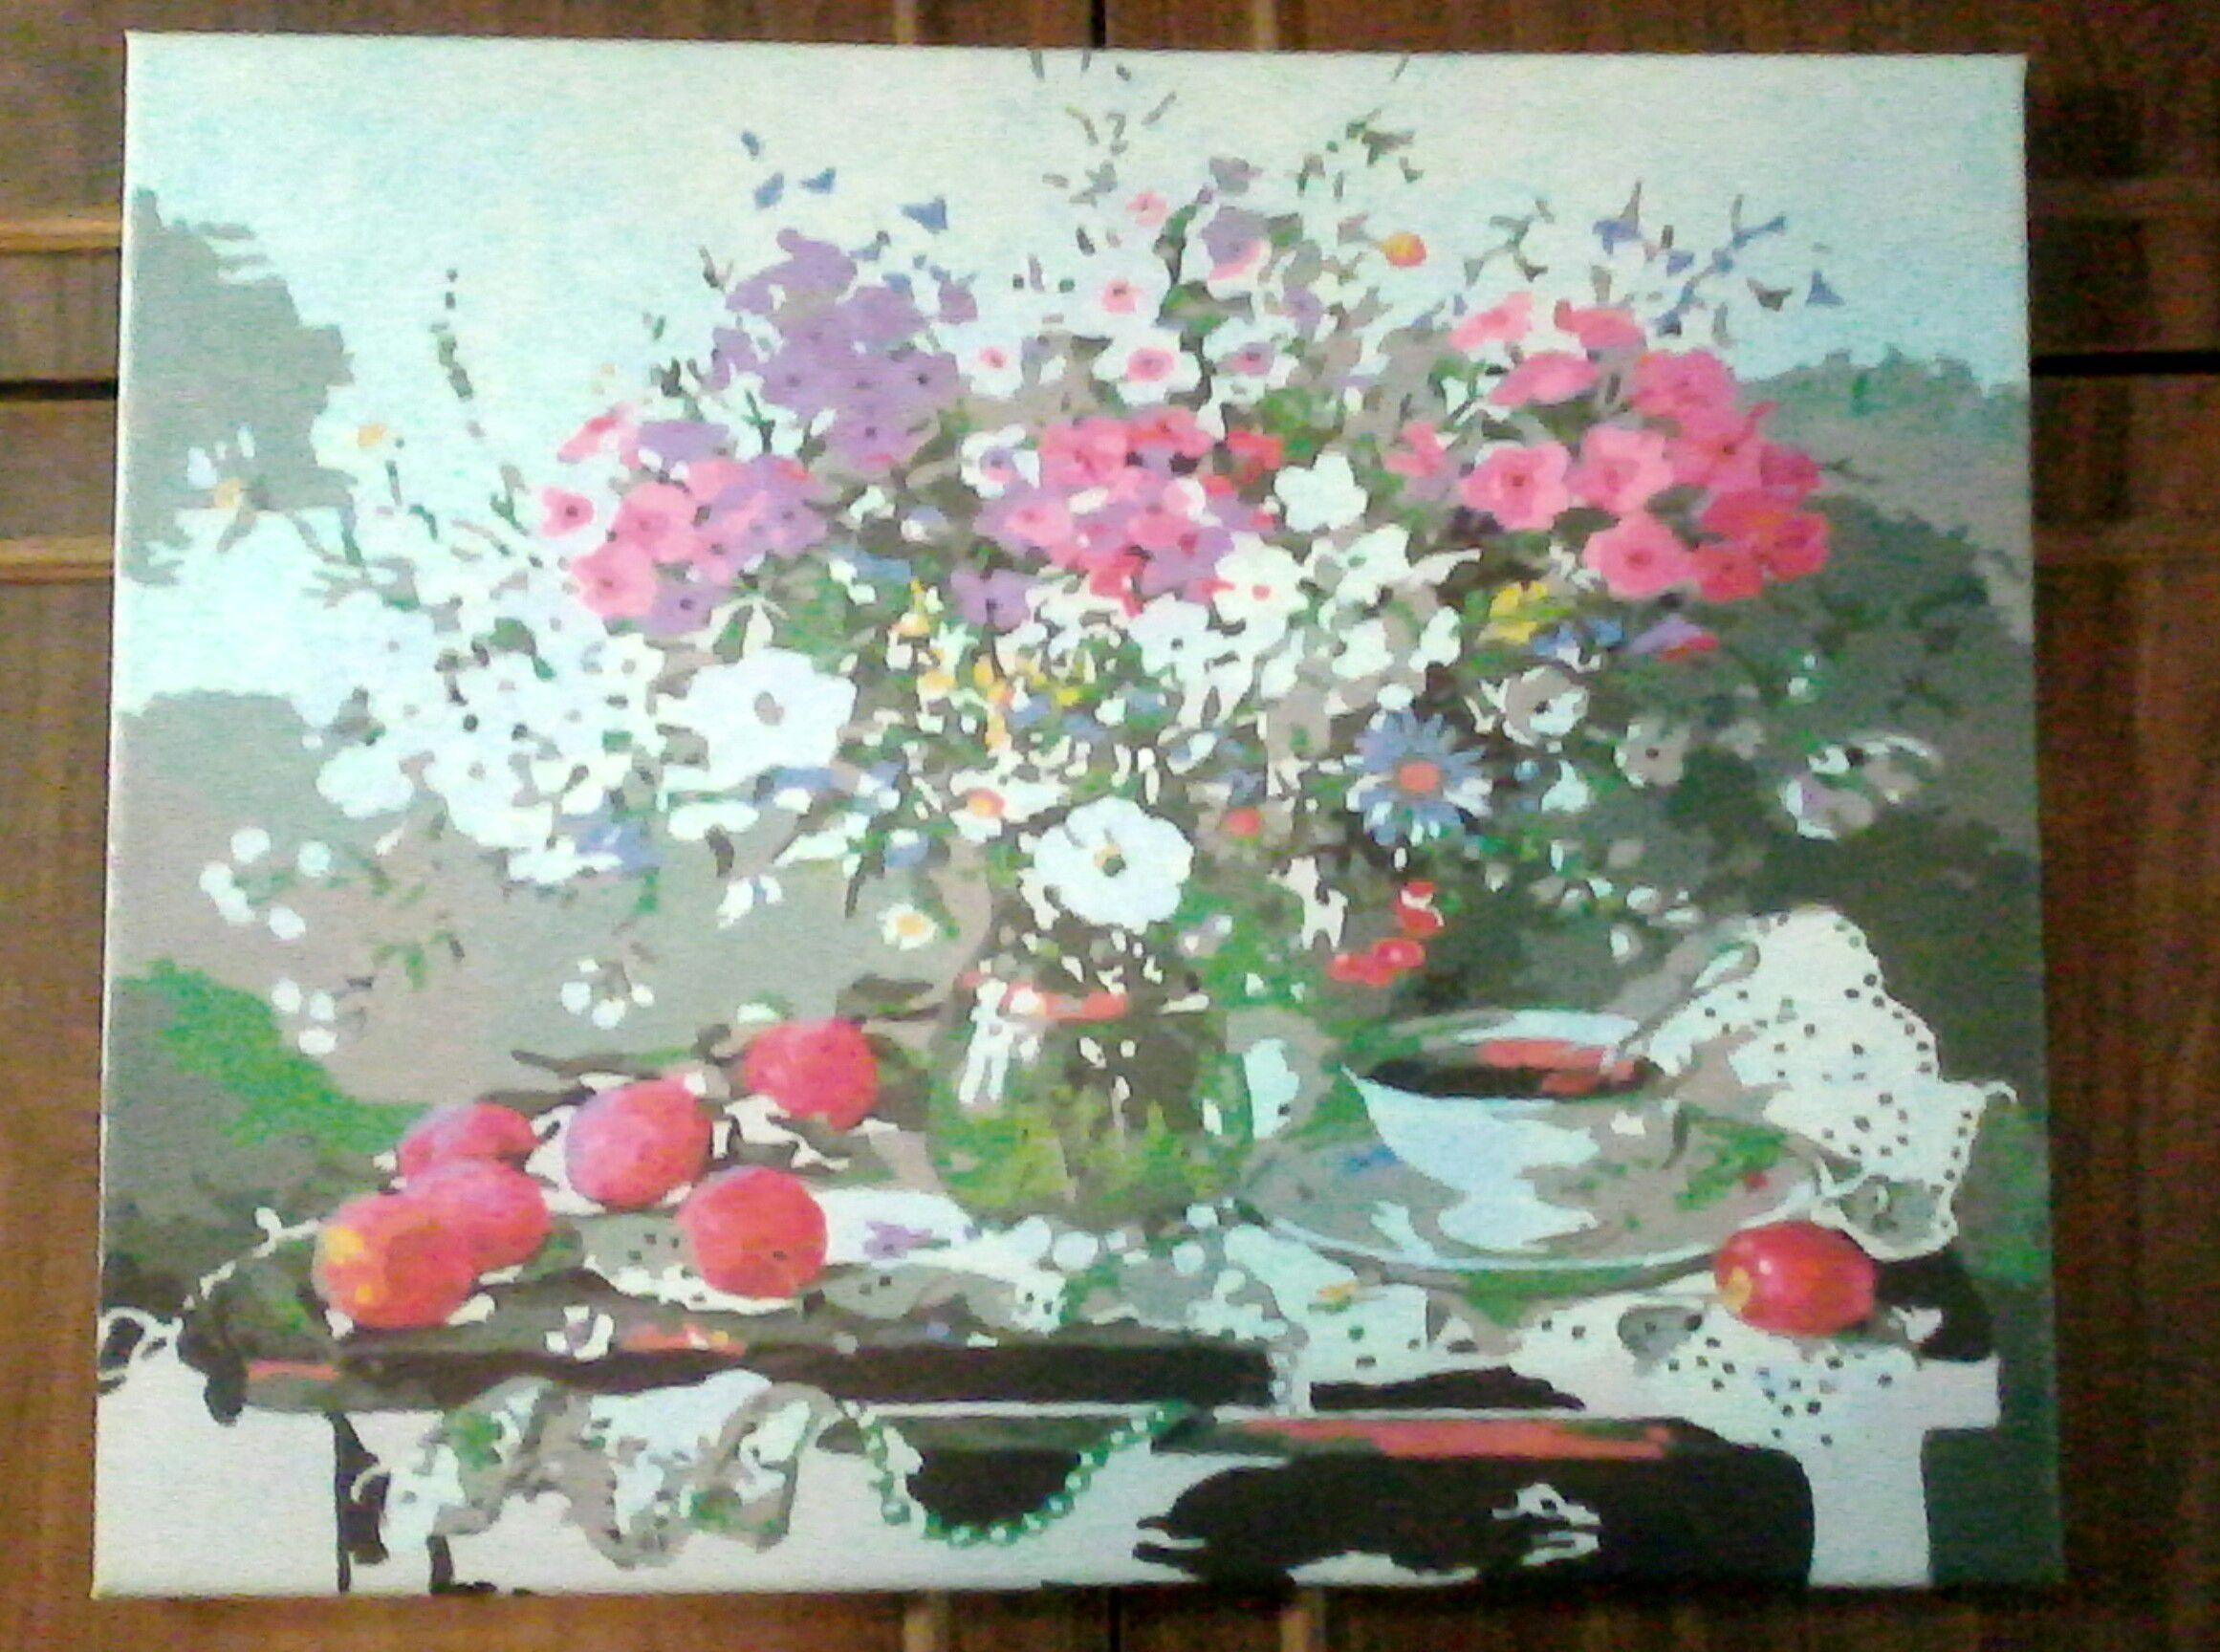 флоксы чай ваза чашка цветы натюрморт колокольчики ромашки